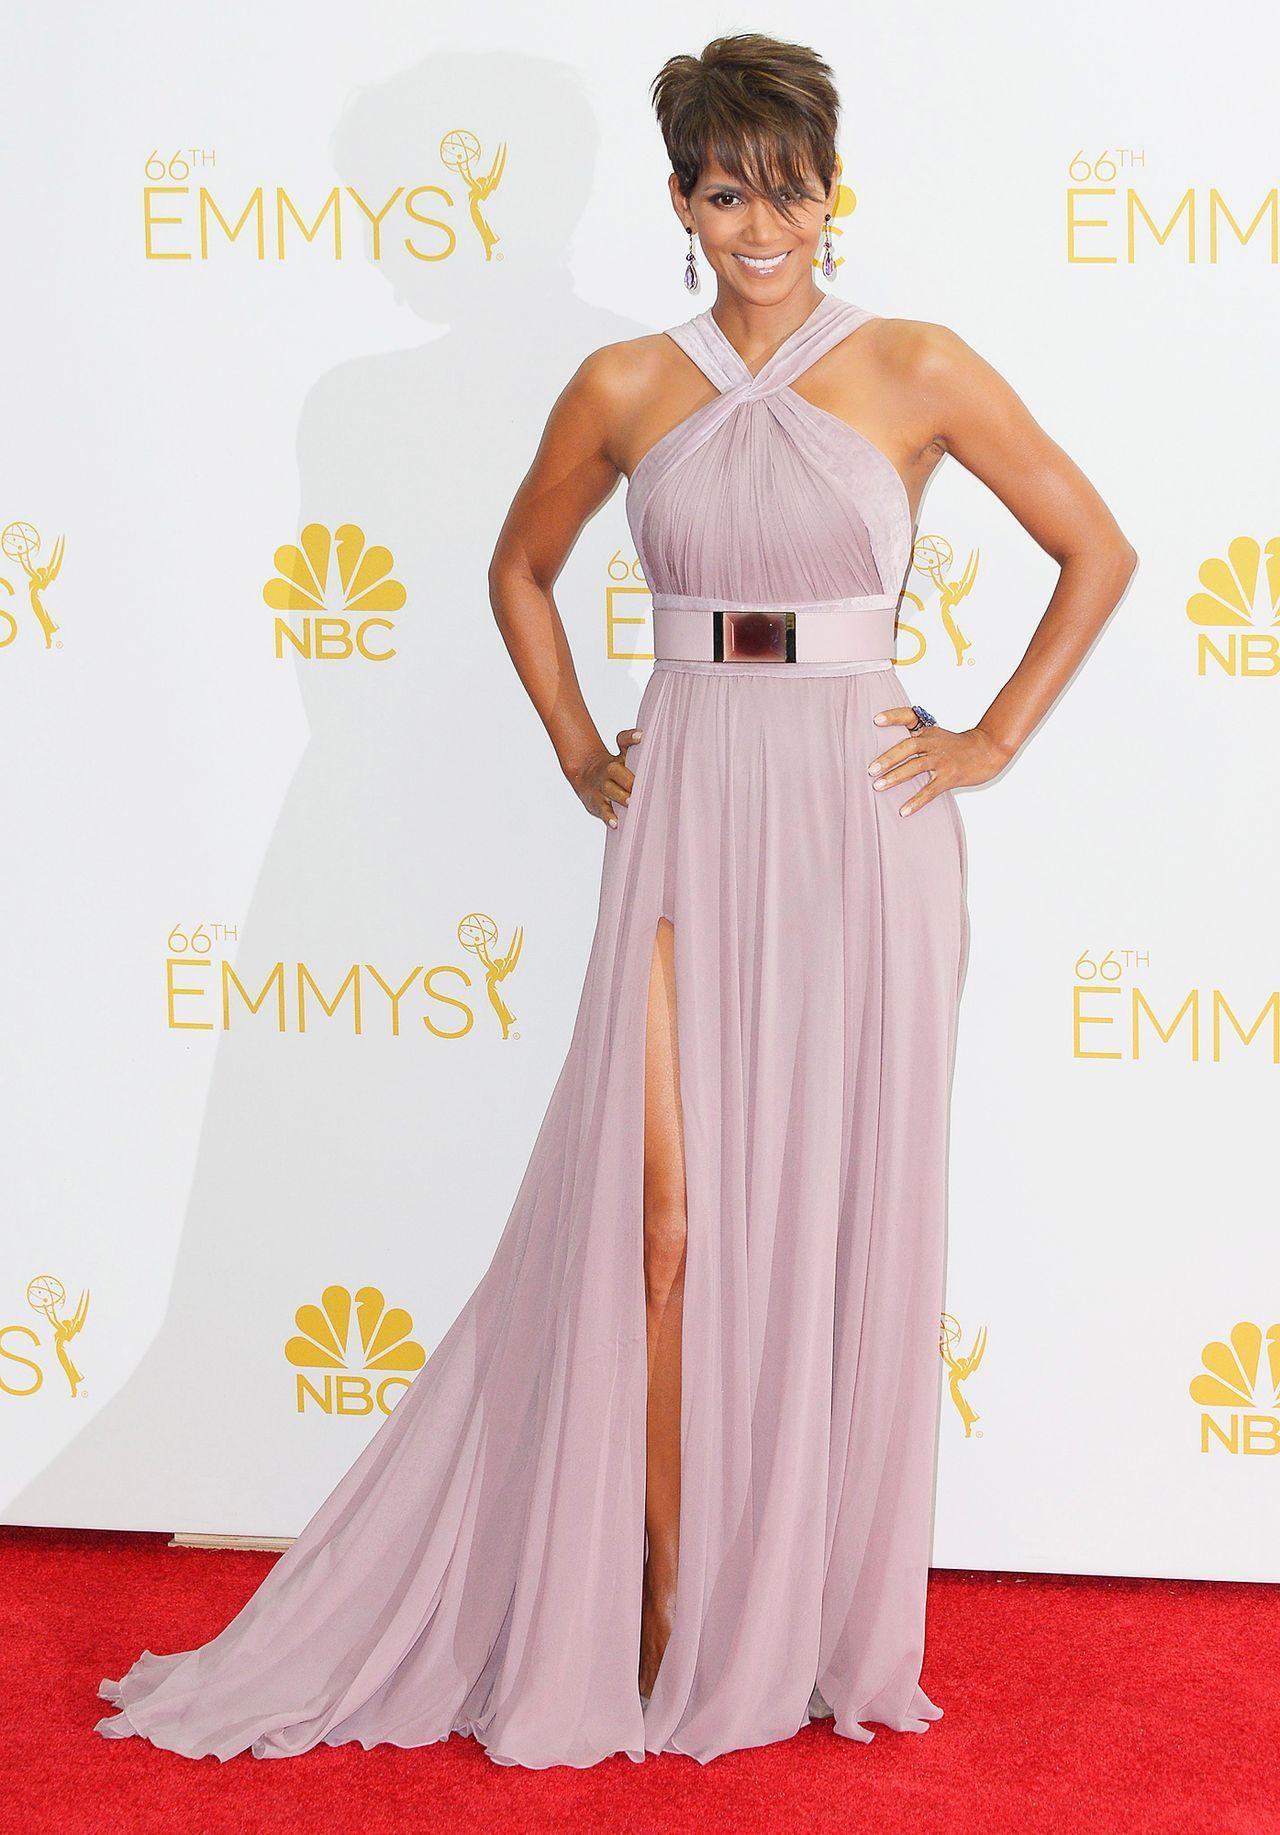 b3e653e038c Halle-Berry-14-08-26-Emmy-Awards-dpa -